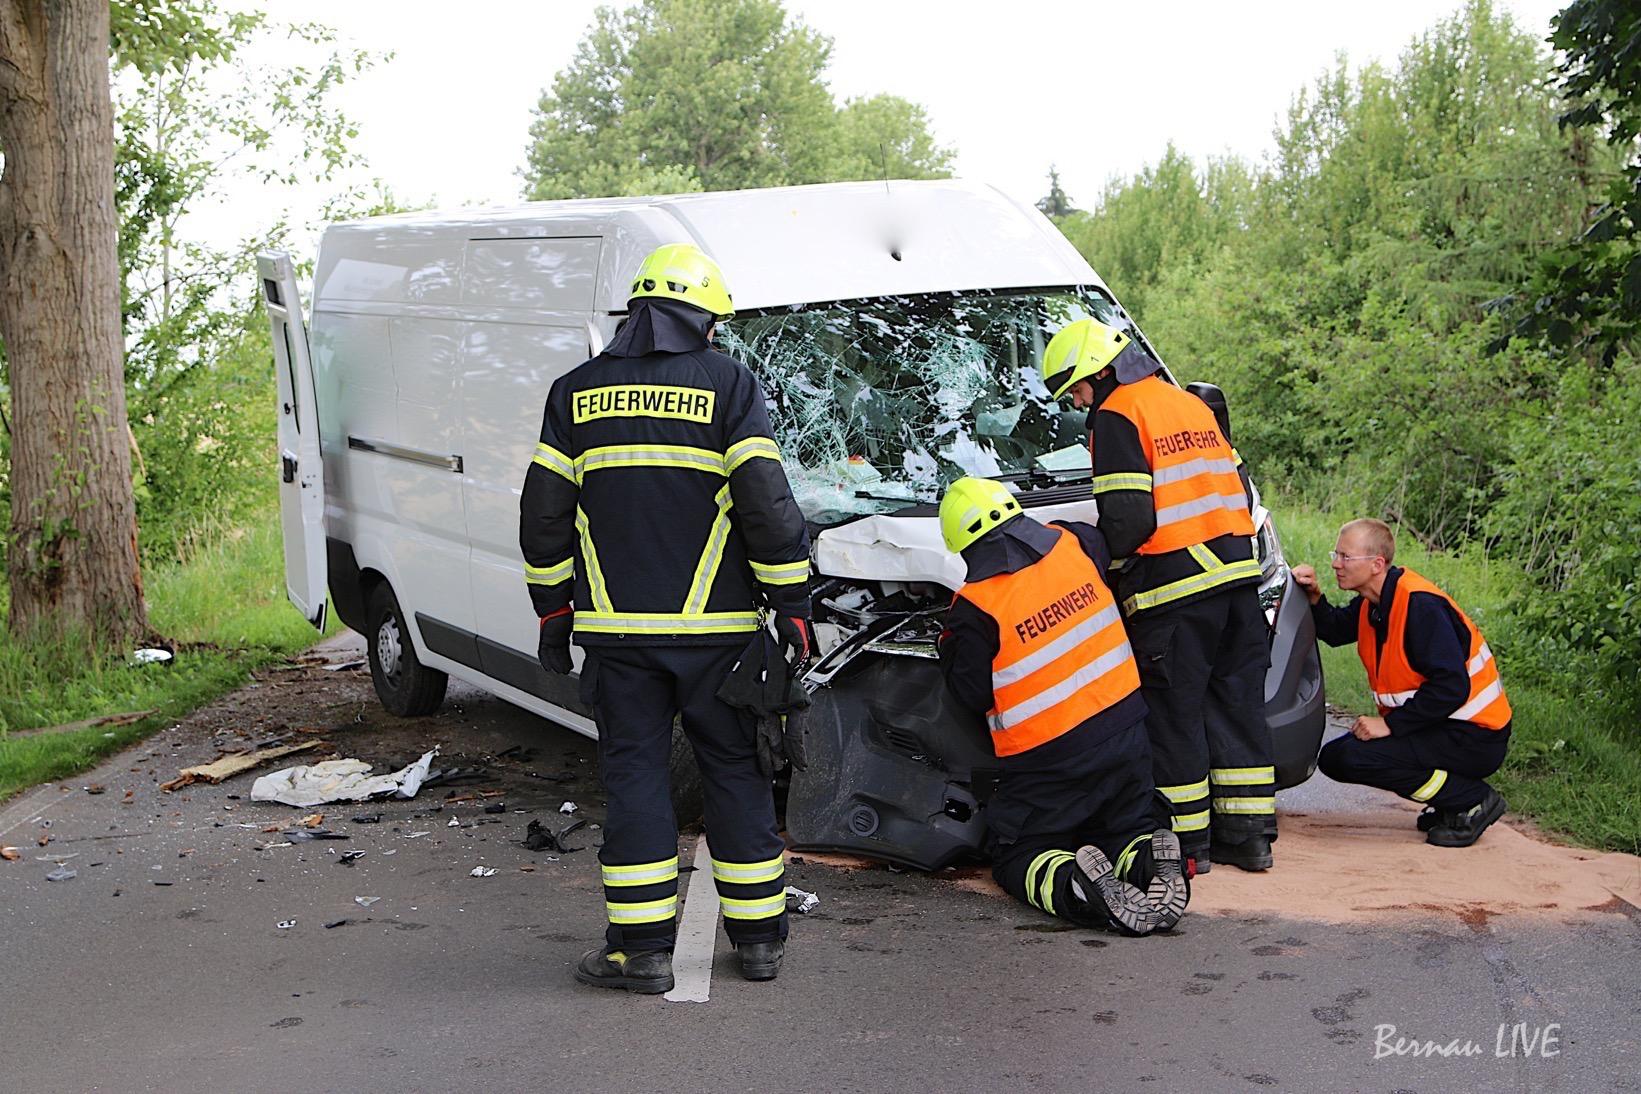 Verkehrsunfall Bernau, Unfall, Bernau, Feuerwehr, Feuerwehr Bernau, Barnim, Polizei, Bernau LIVE